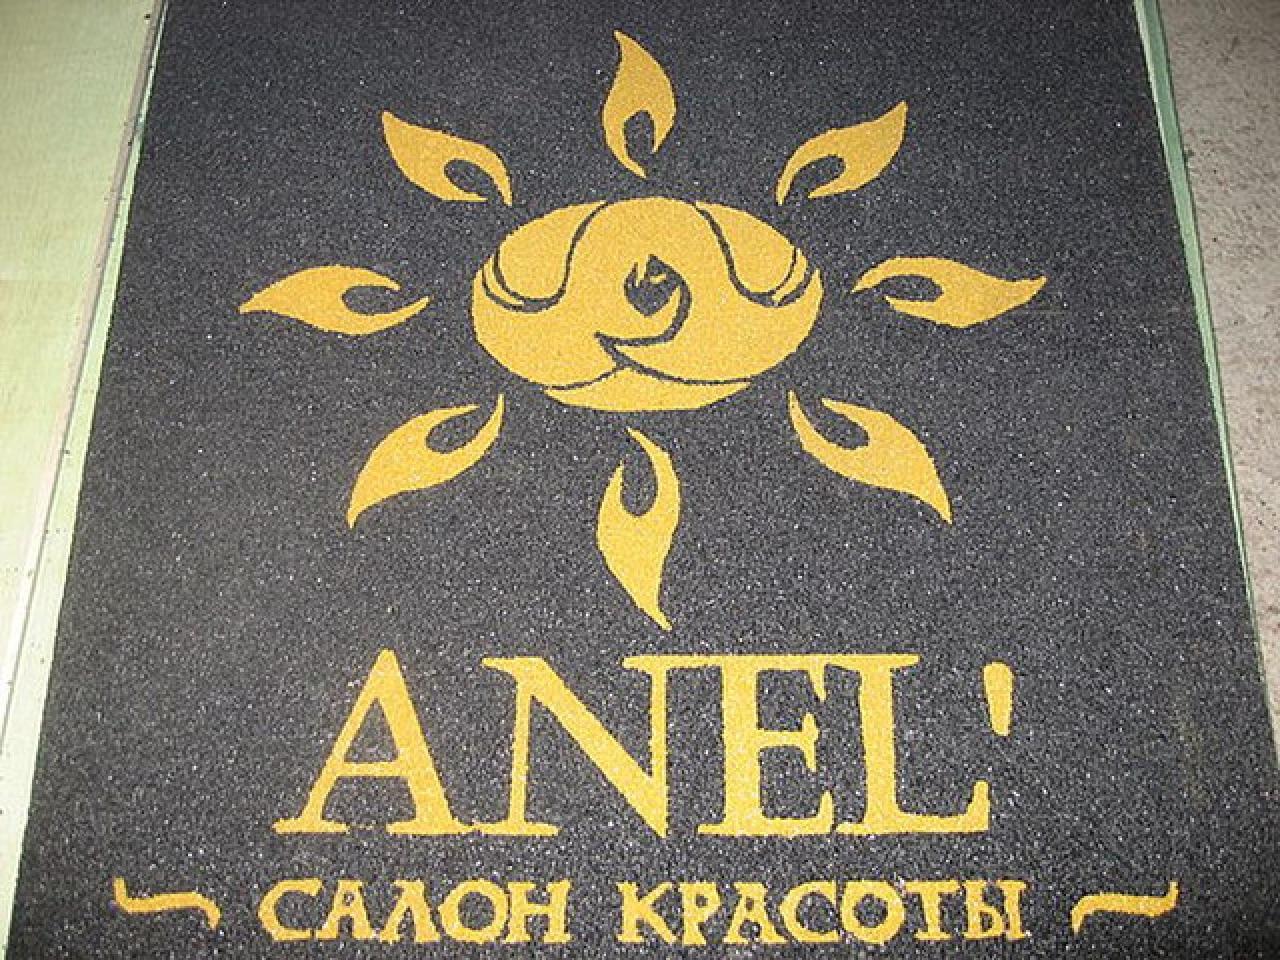 Антискользящее покрытие для крыльца и входа в торговый центр с логотипом - 5